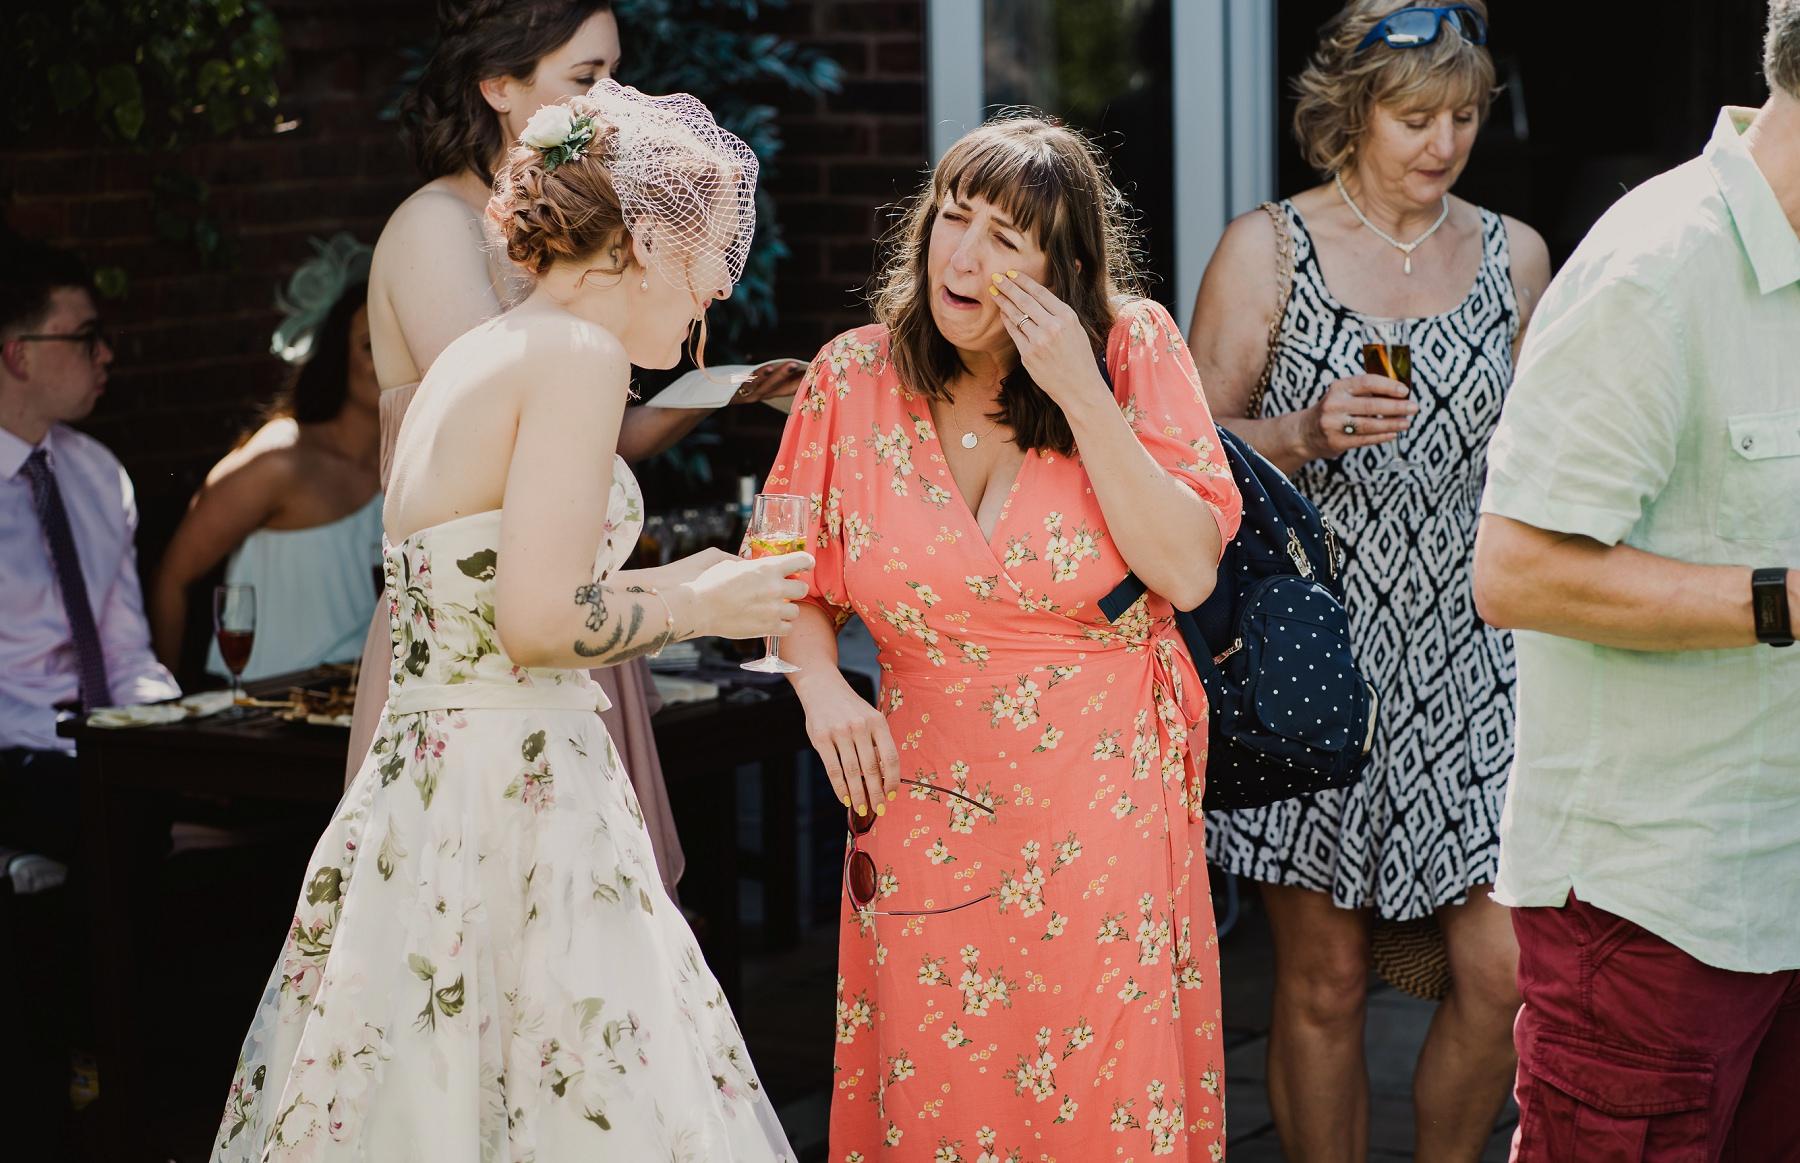 danny_alex_wedding_tease_0080.jpg